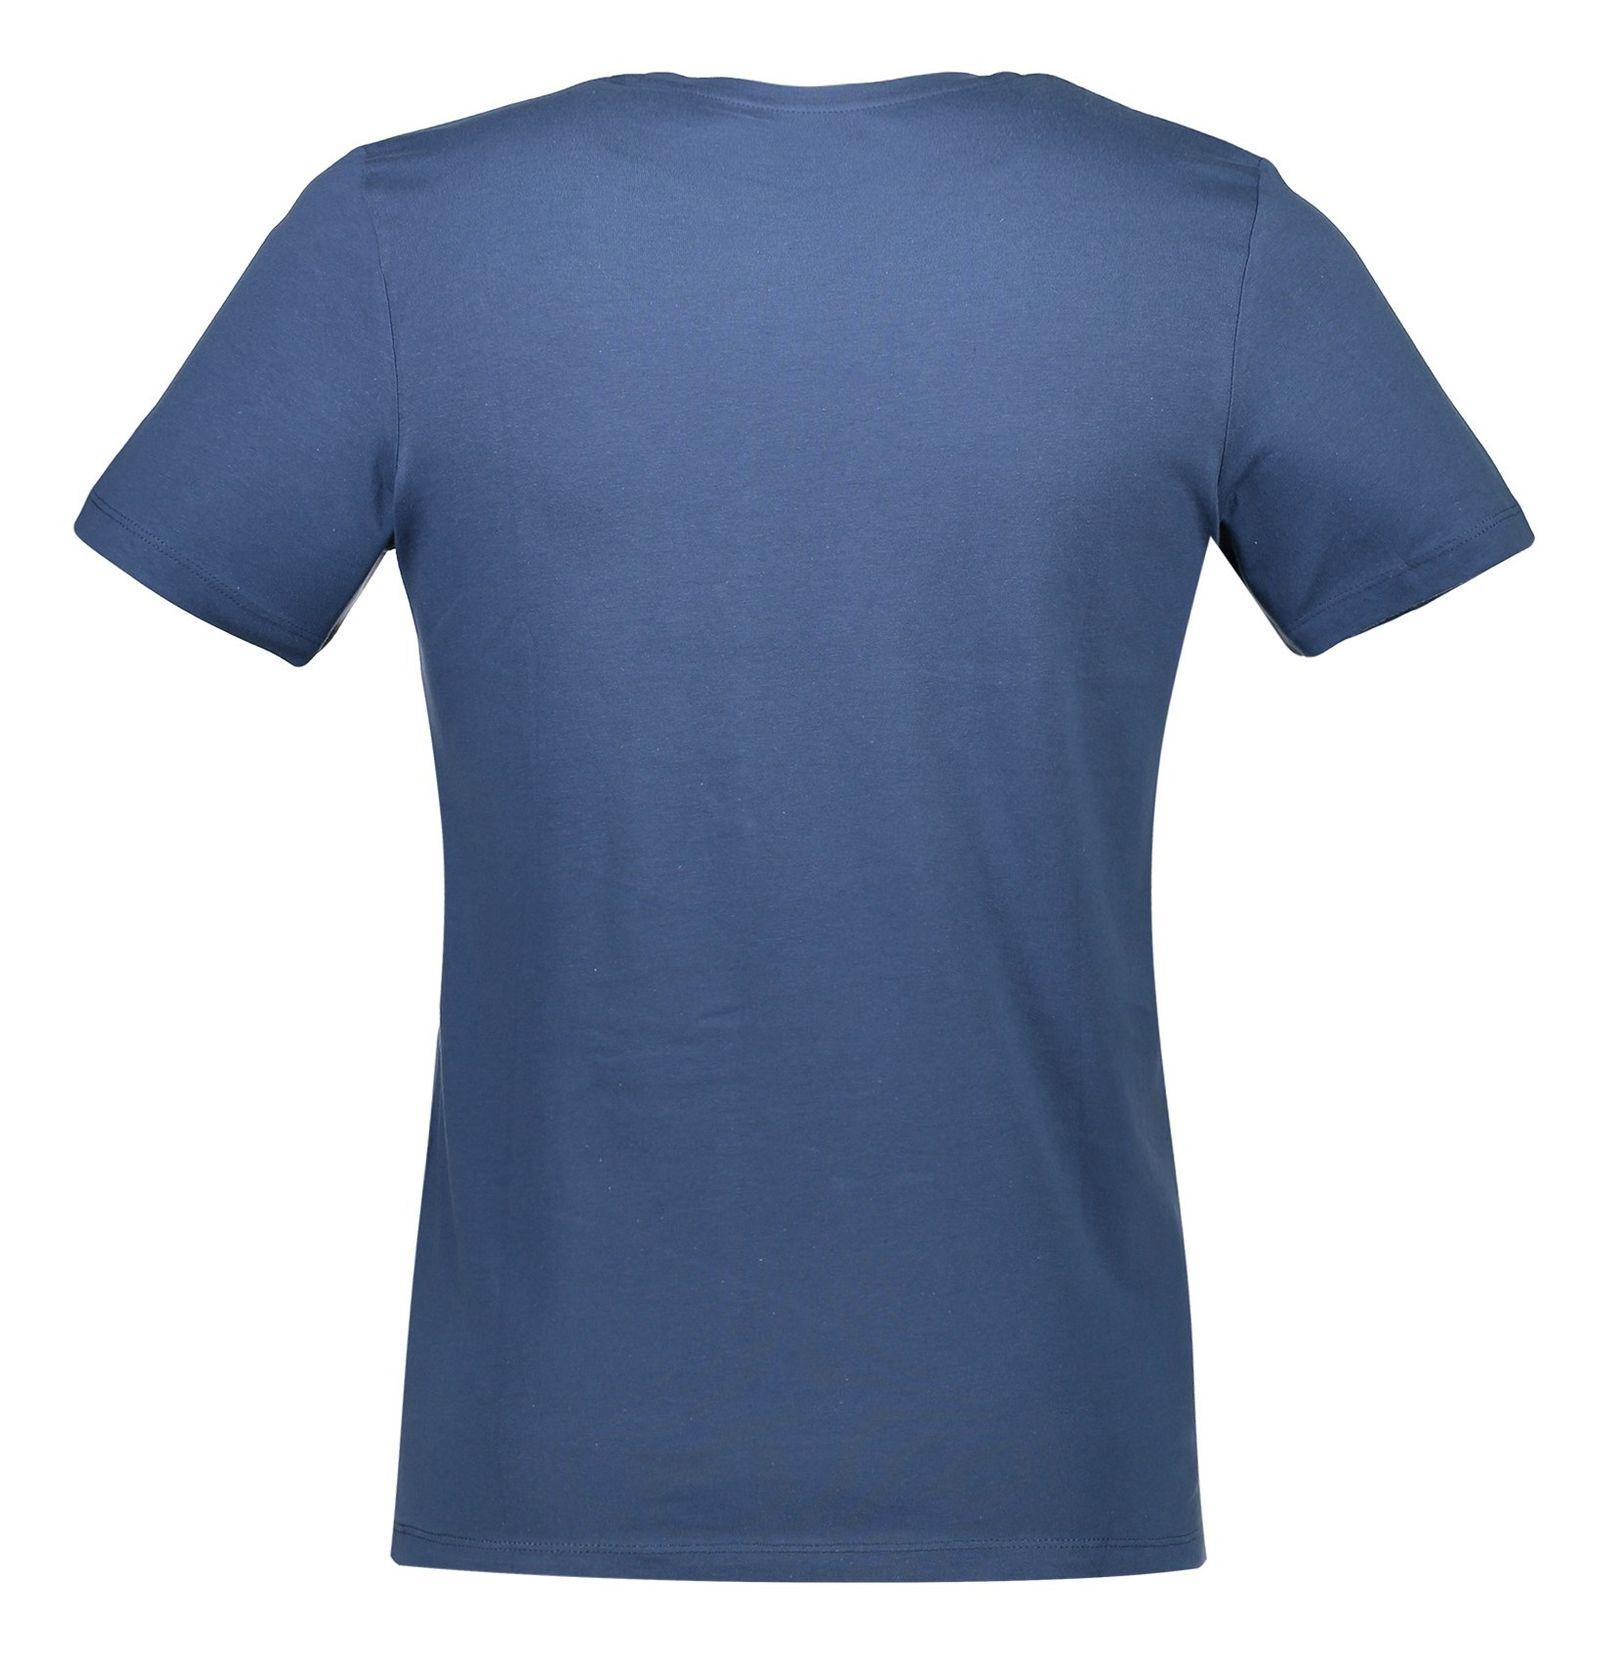 تی شرت نخی یقه گرد مردانه - جک اند جونز - آبي - 2